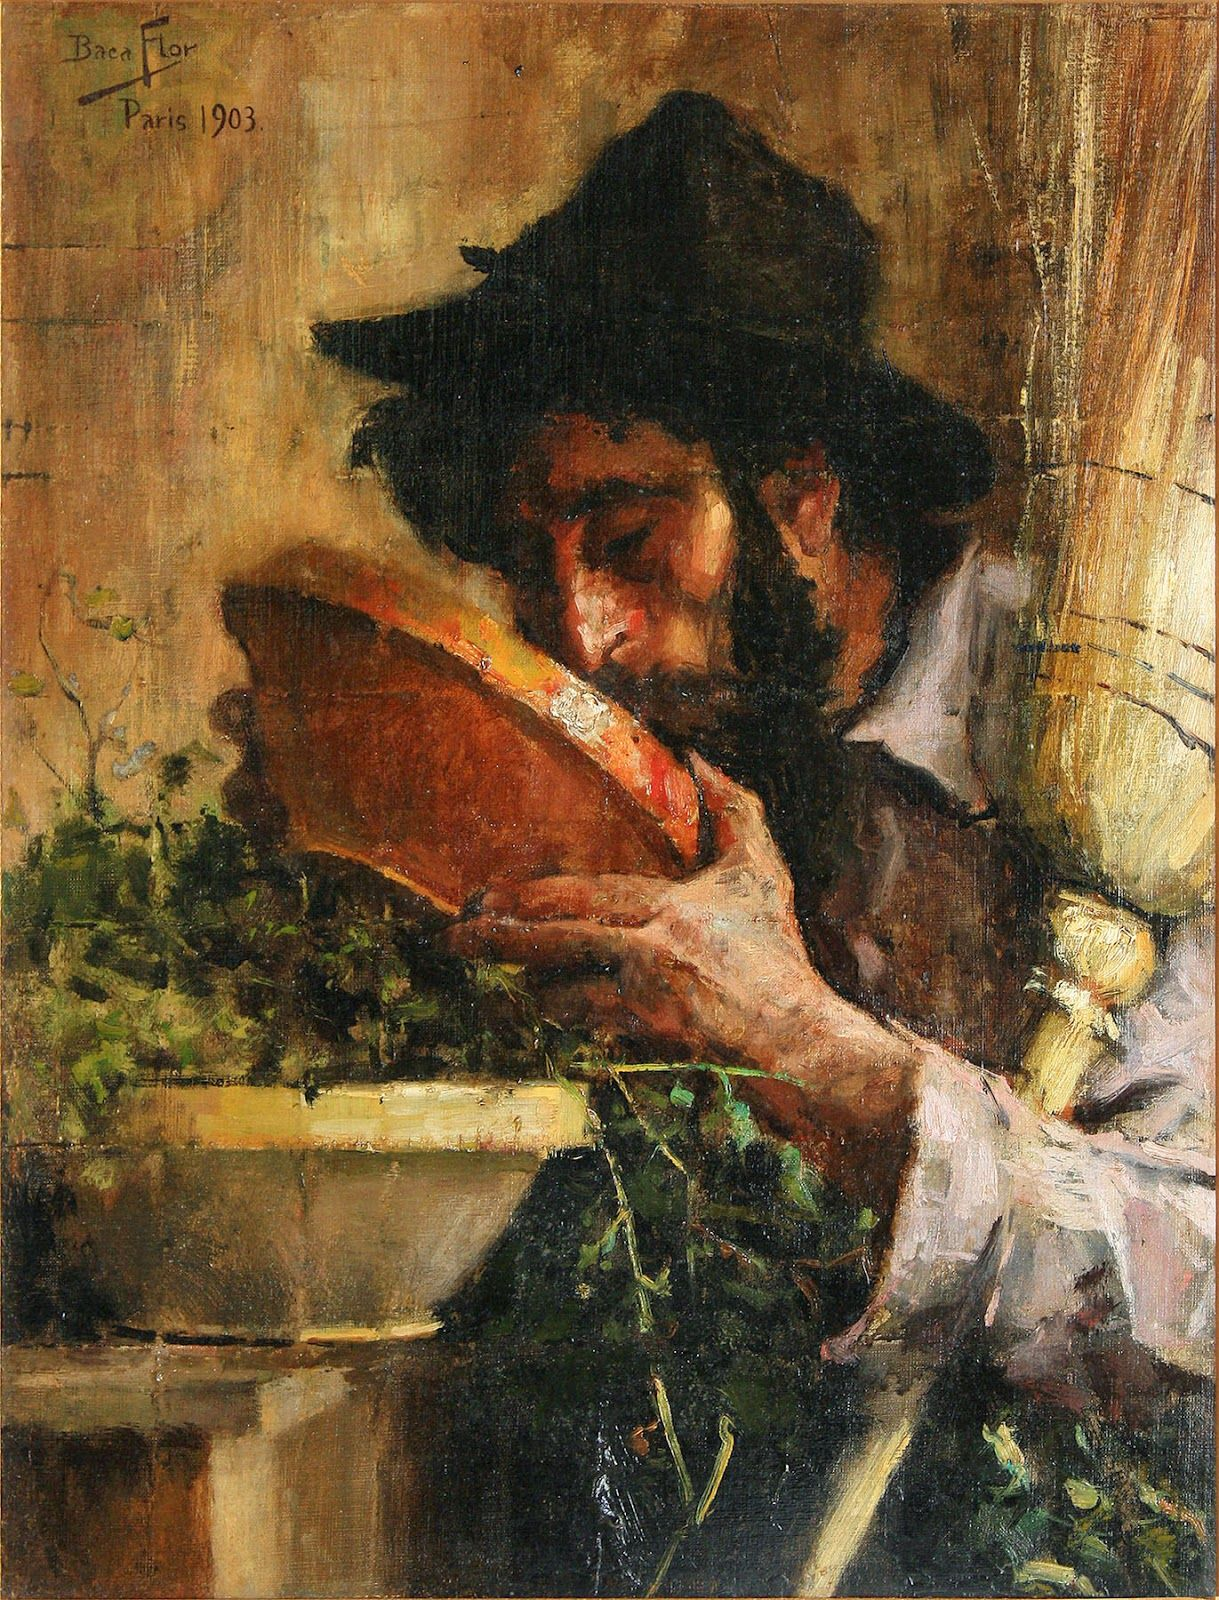 carlos baca flor anciano limpiador tomando agua 1903 carlos